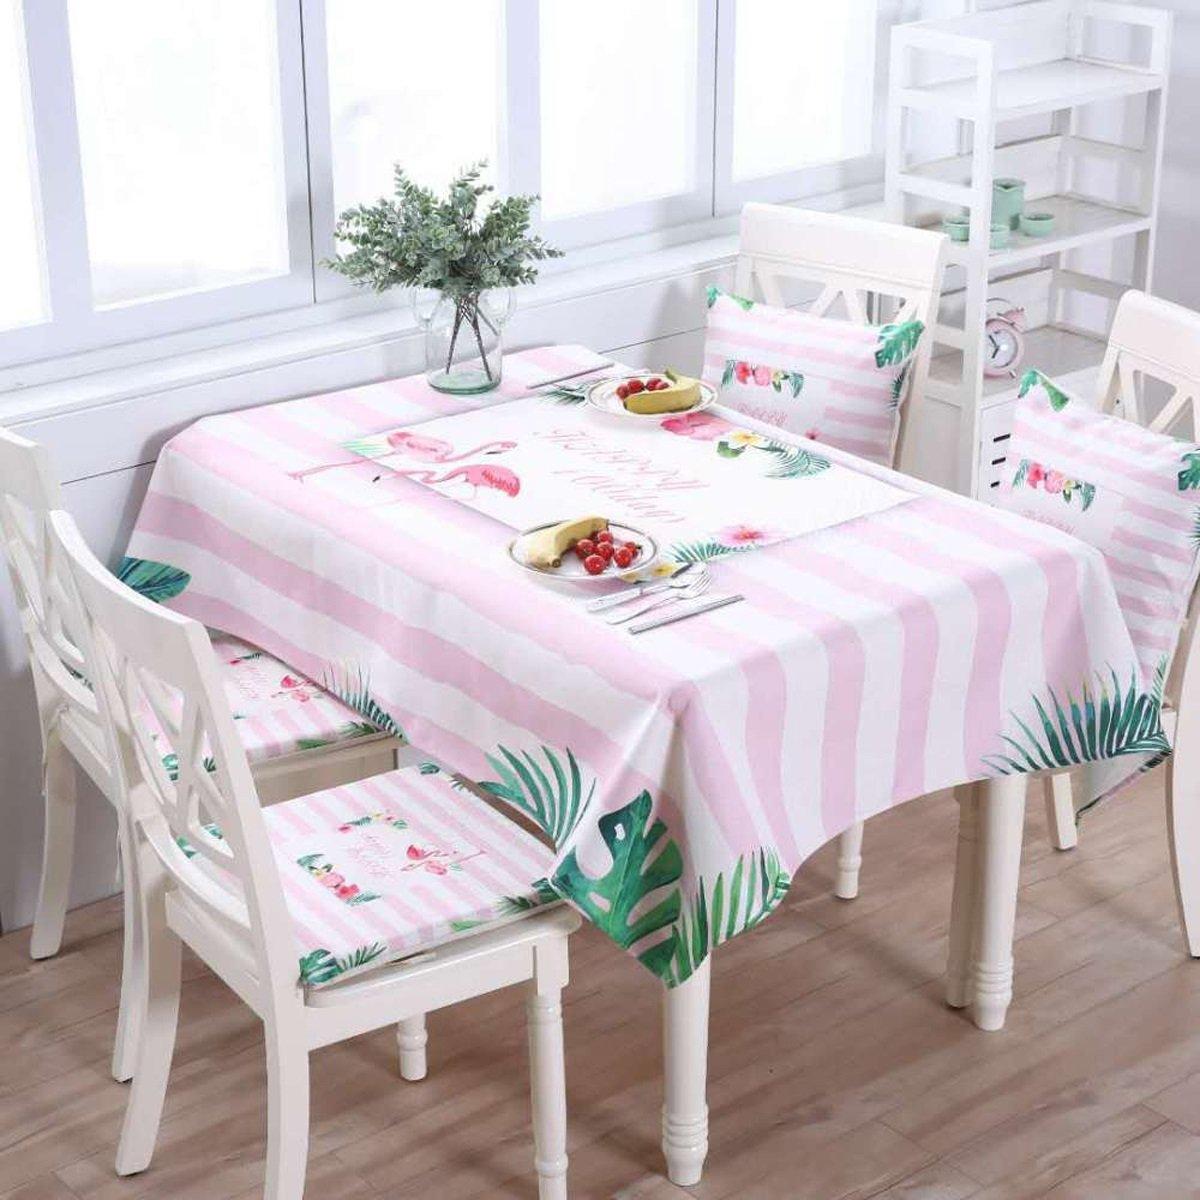 O 140220cm (55.186.6in) DONG Tischtuch Tischdecke Tuch Läufer Tee Tischdecke Baumwolle Stoff Tuch Tisch Schreibtisch Home Home Decor Rechteck Cartoon Wohnzimmer (Farbe   O, größe   140220cm (55.186.6in))